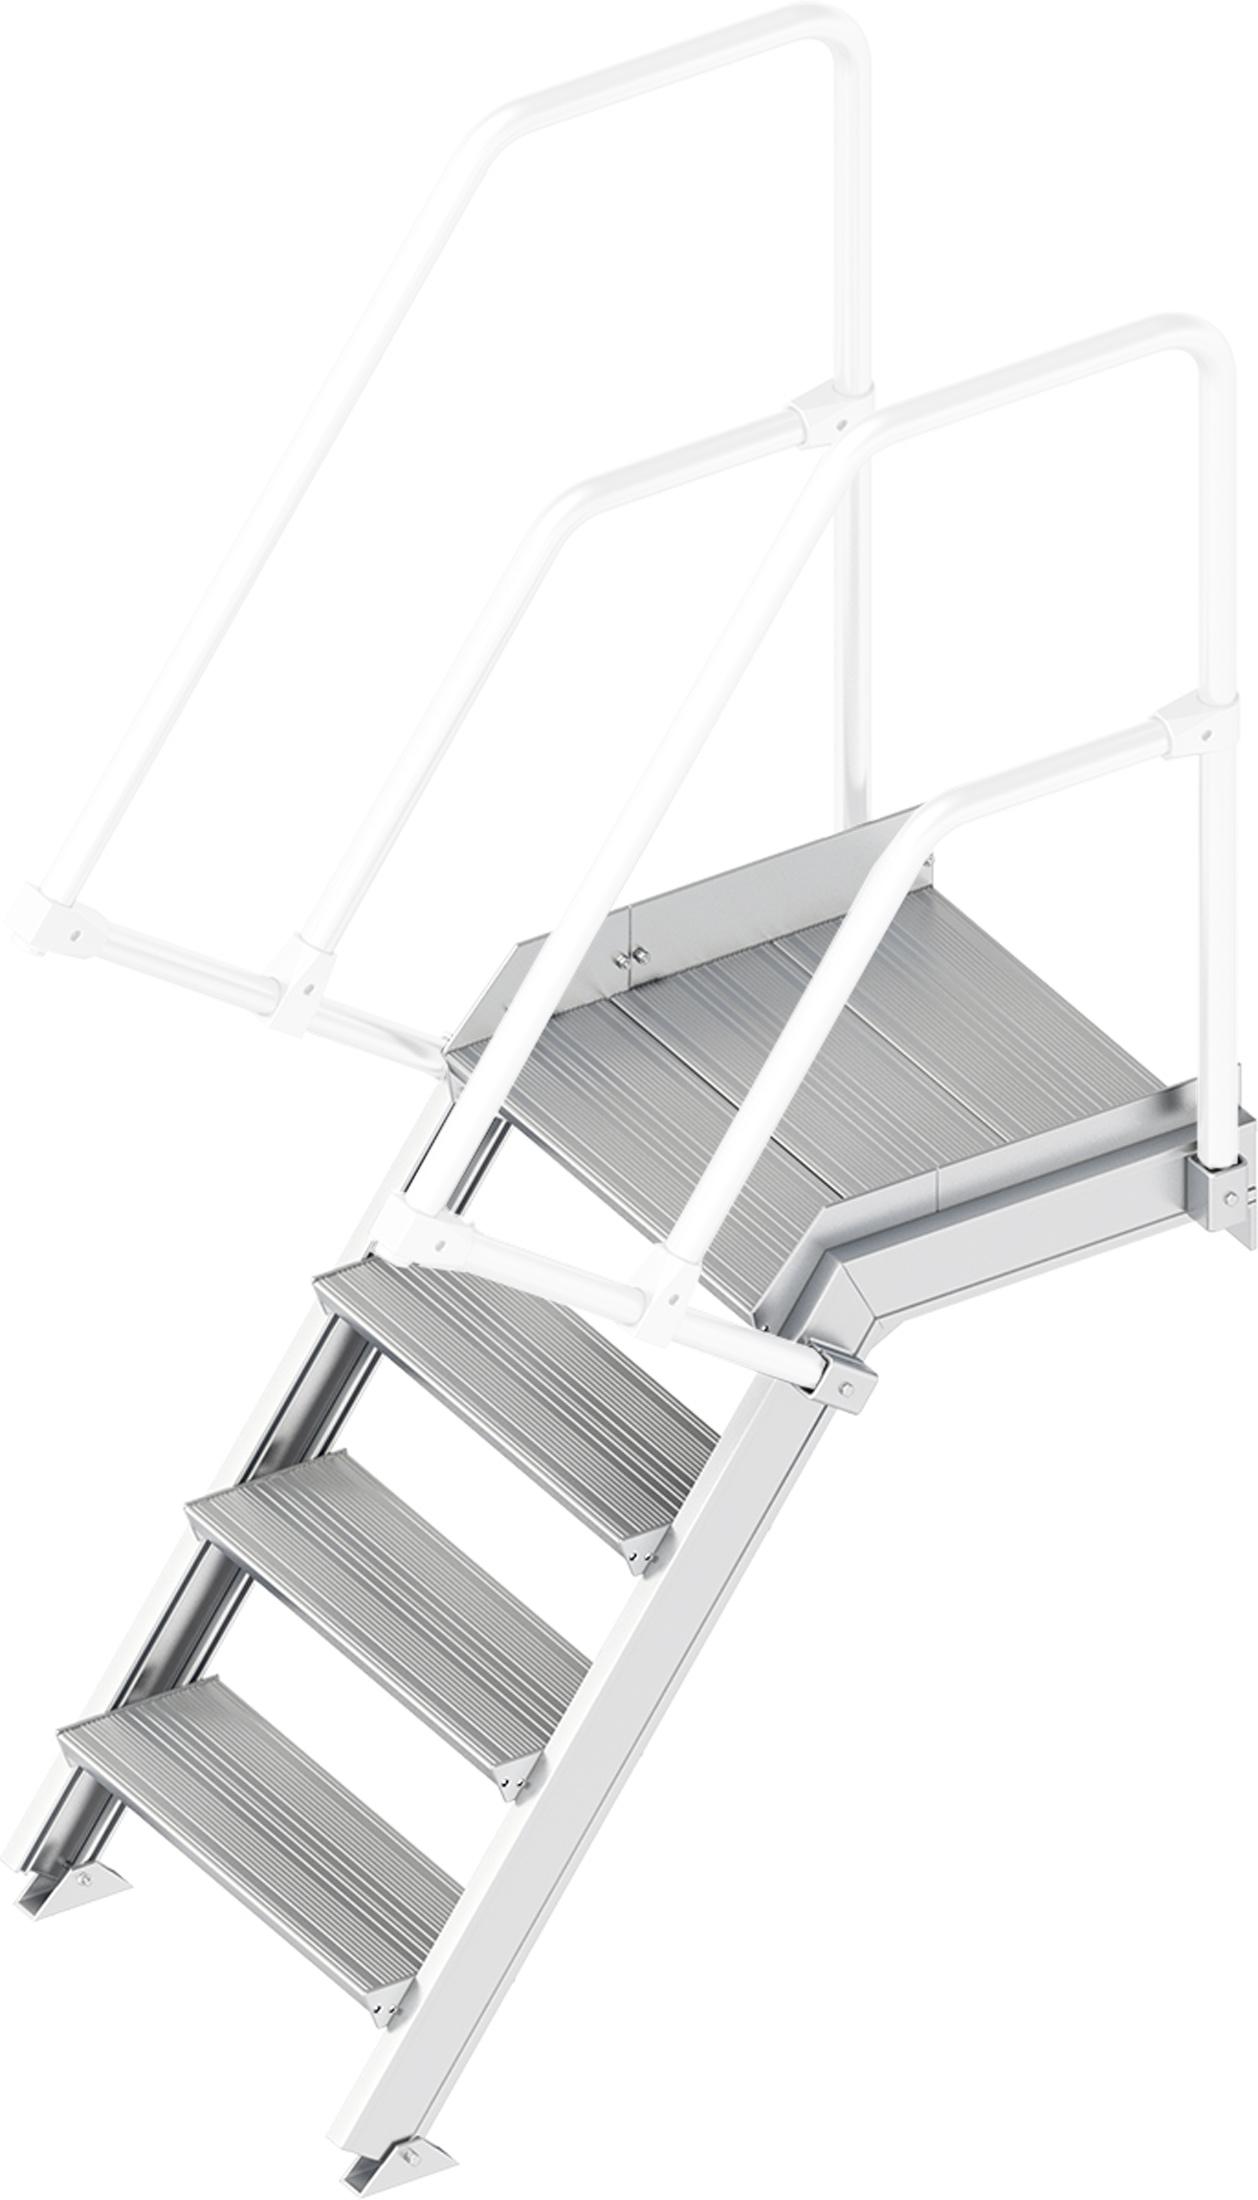 Layher Plattformtreppe 55° 4 Stufen - 600 mm breit